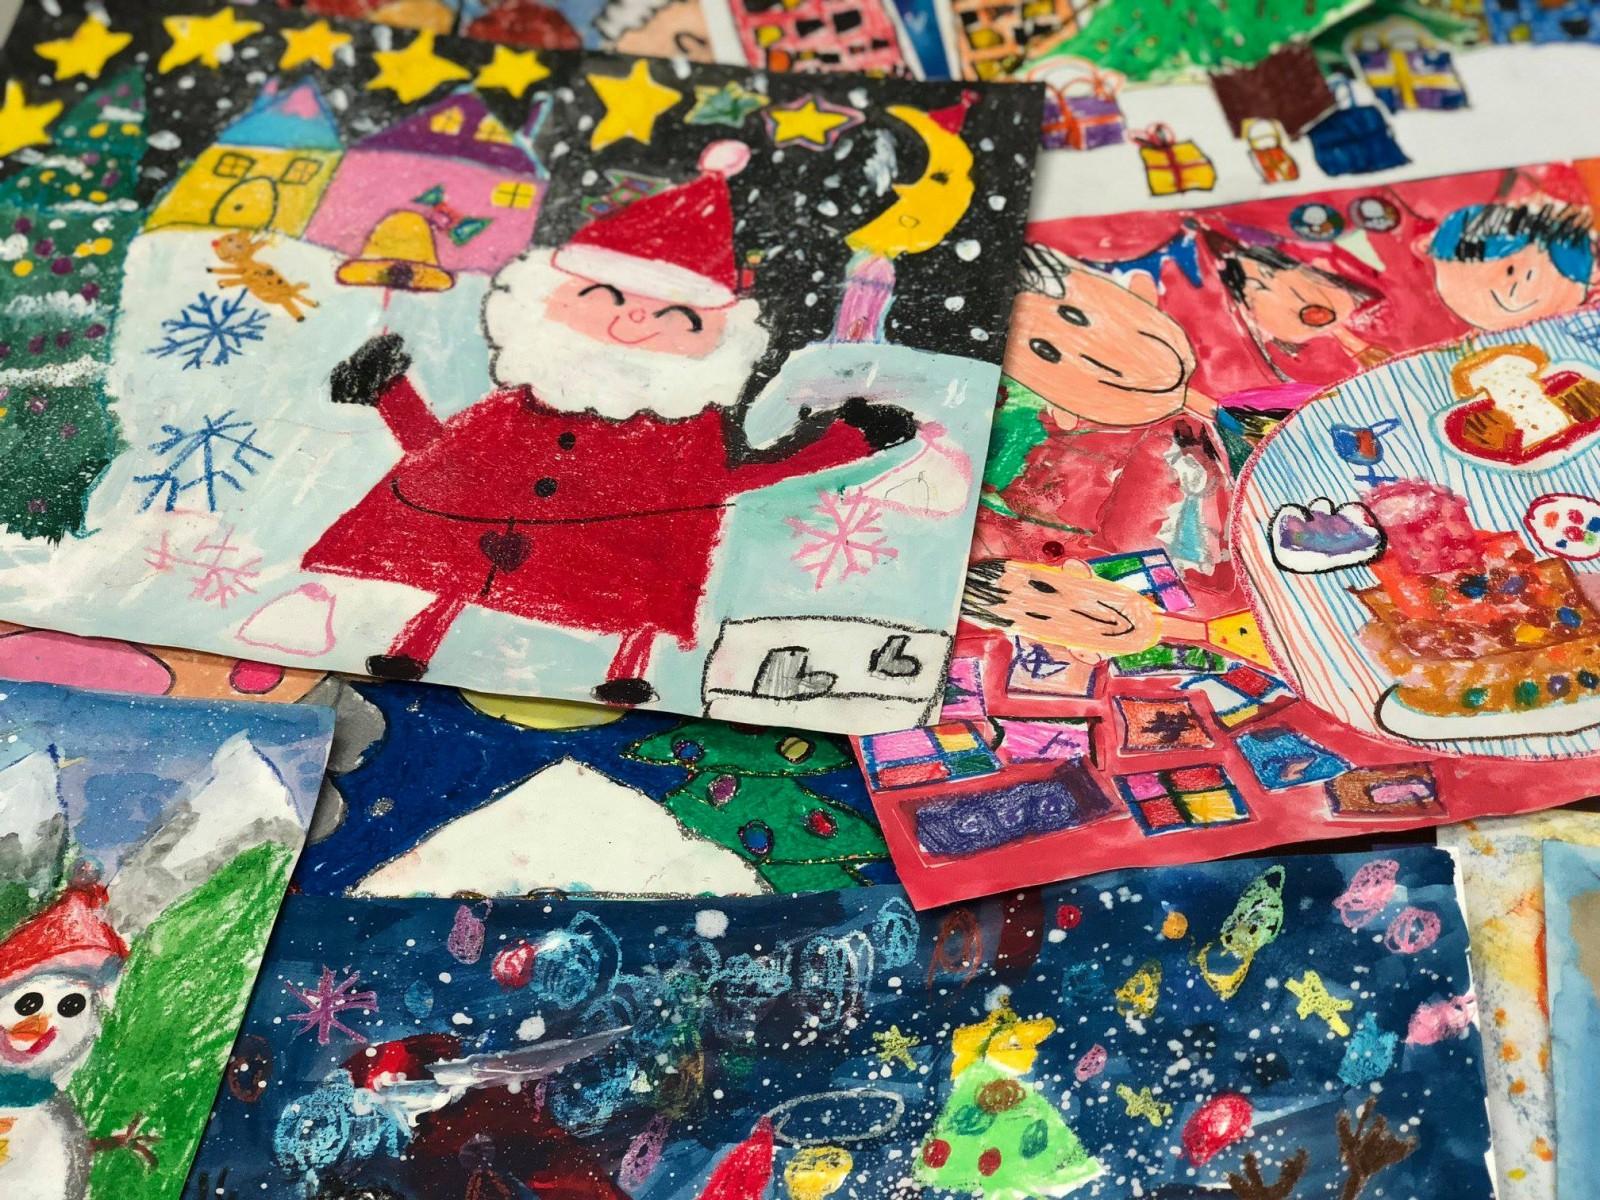 第七屆香港兒童創意思維繪畫大賽2016 (Round 3) [聖誕奇幻世界]